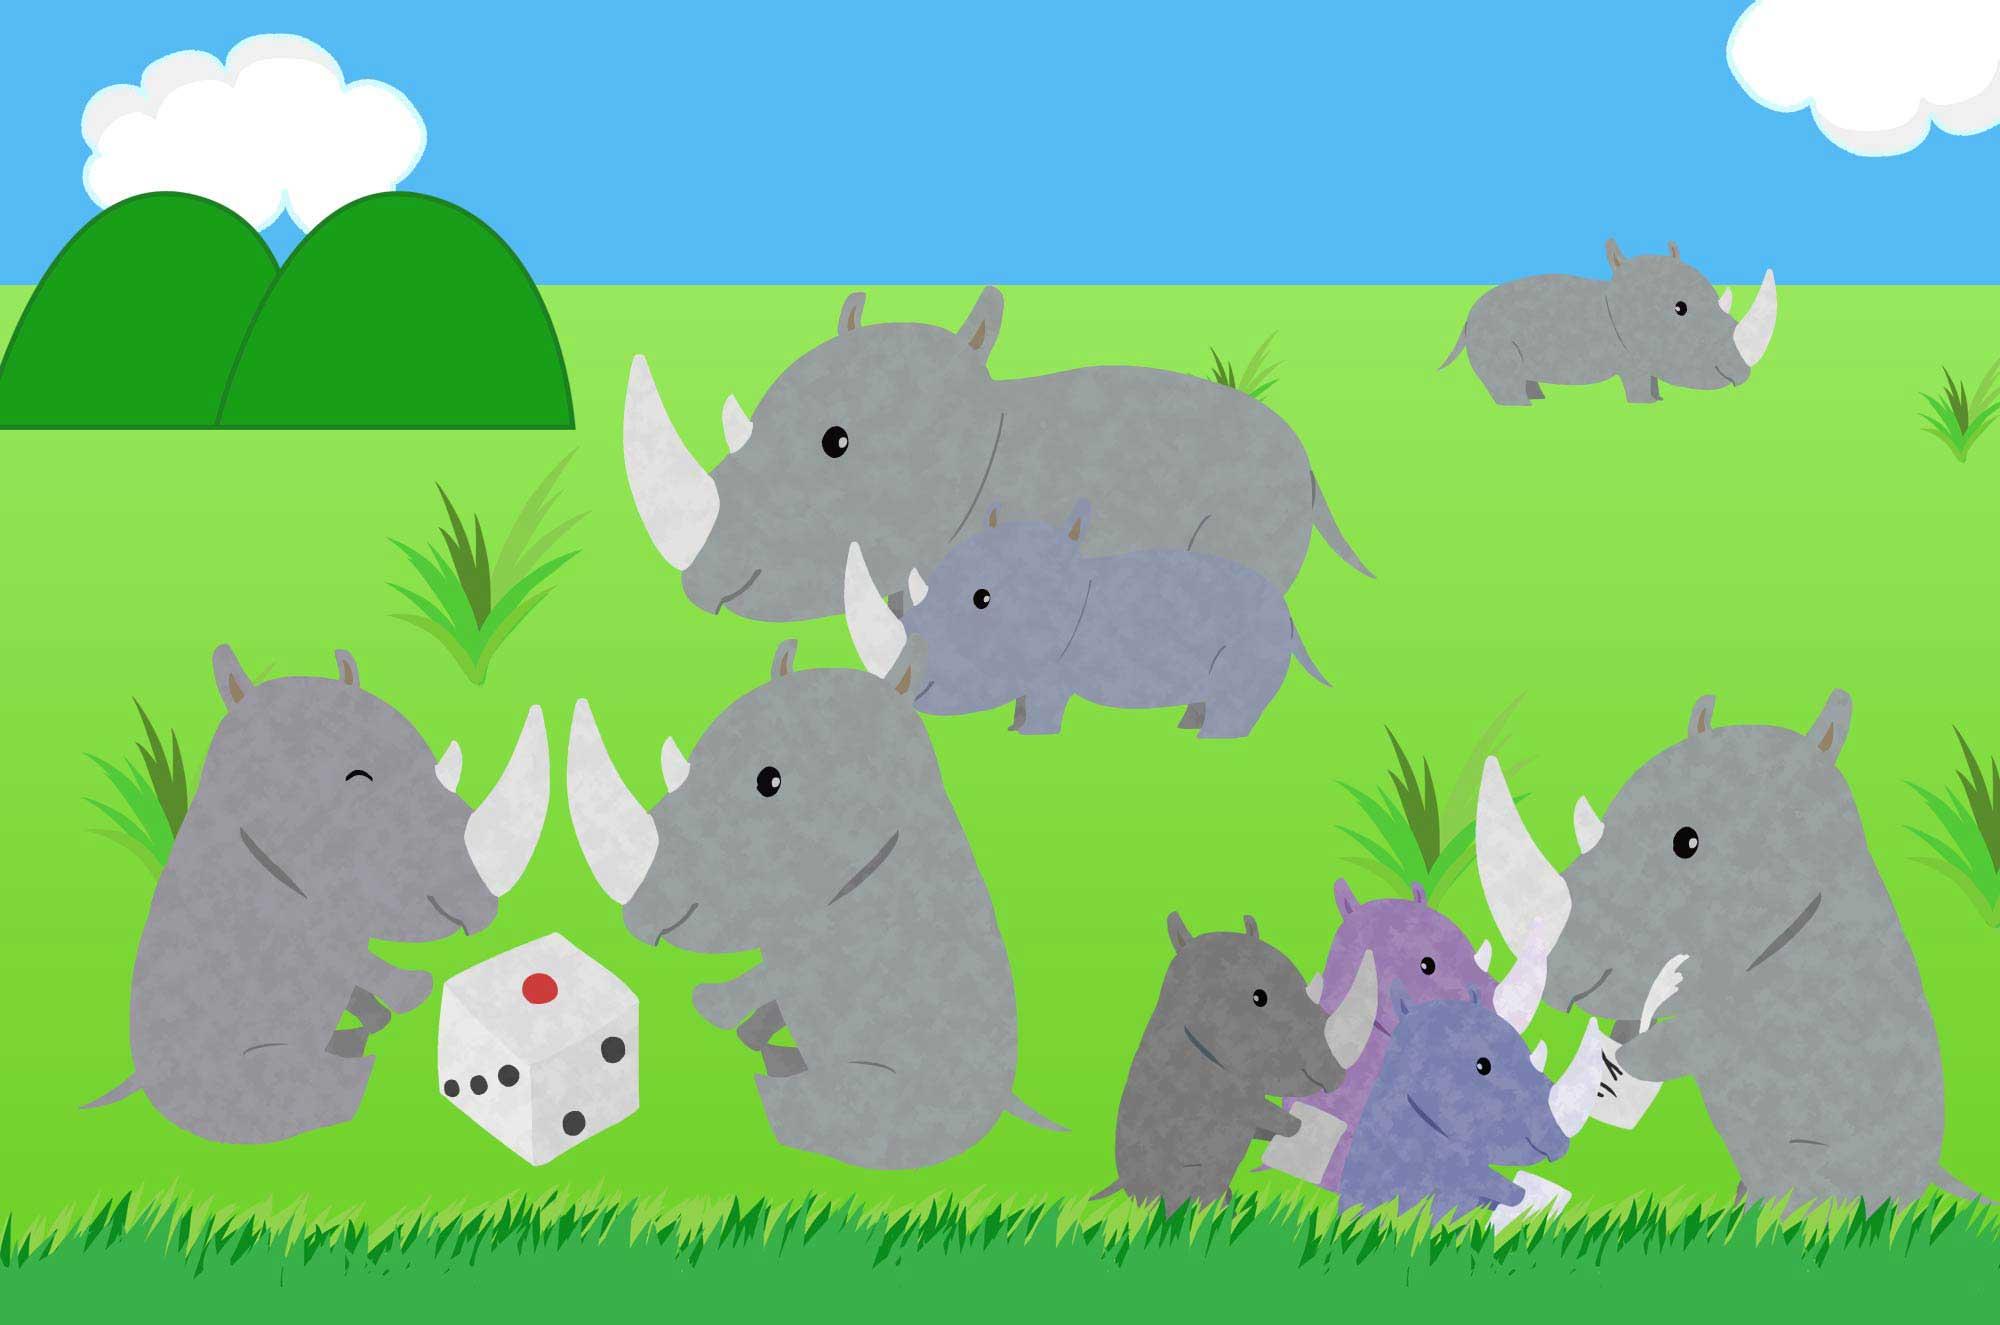 可愛いサイのイラスト - 面白くて変わった動物無料素材